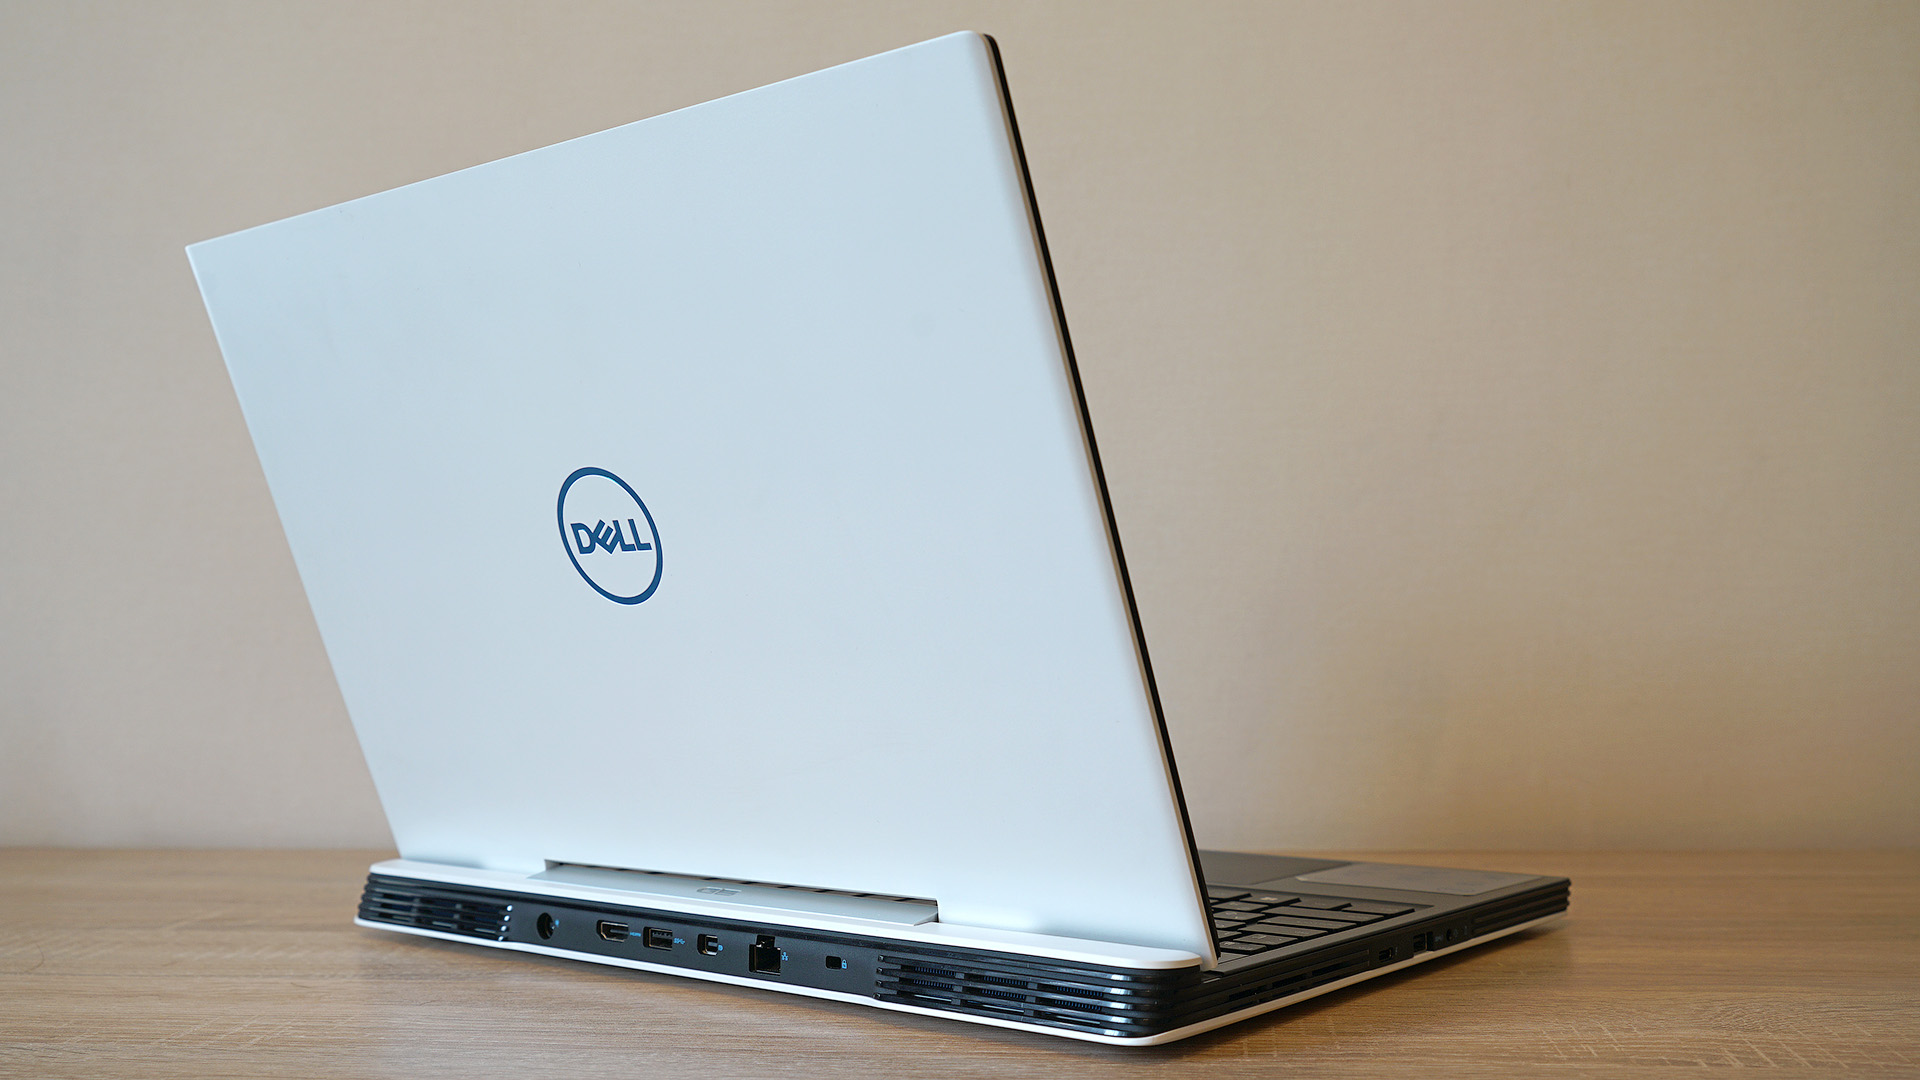 Dell G5 5590: один из самых доступных игровых ноутбуков с RTX 2060